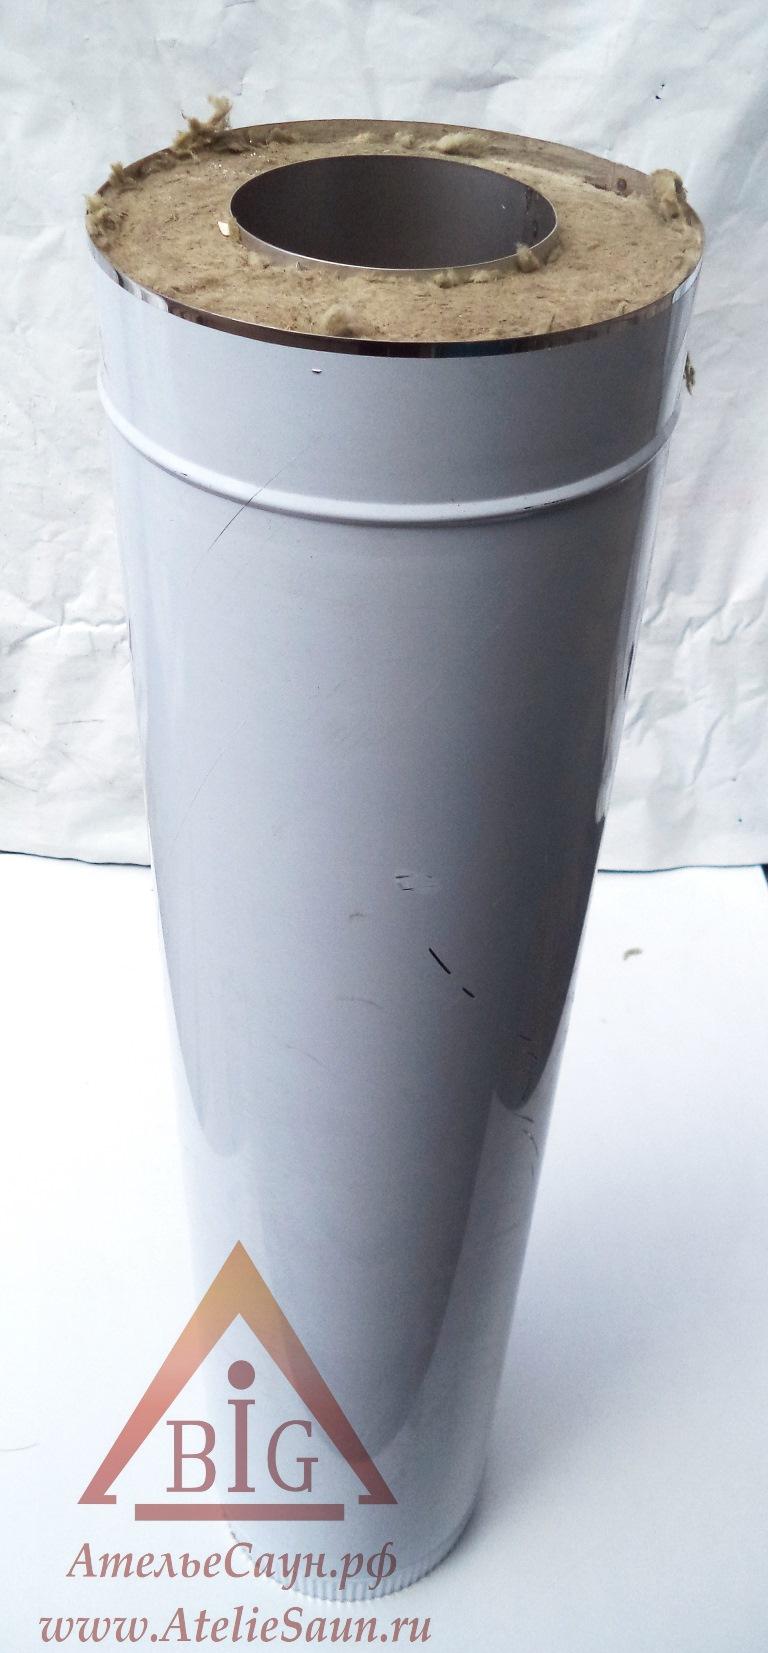 Труба сэндвич D115/215 мм L = 1,0 м (нерж. 0,5/0,5 мм AISI 304 внутри)